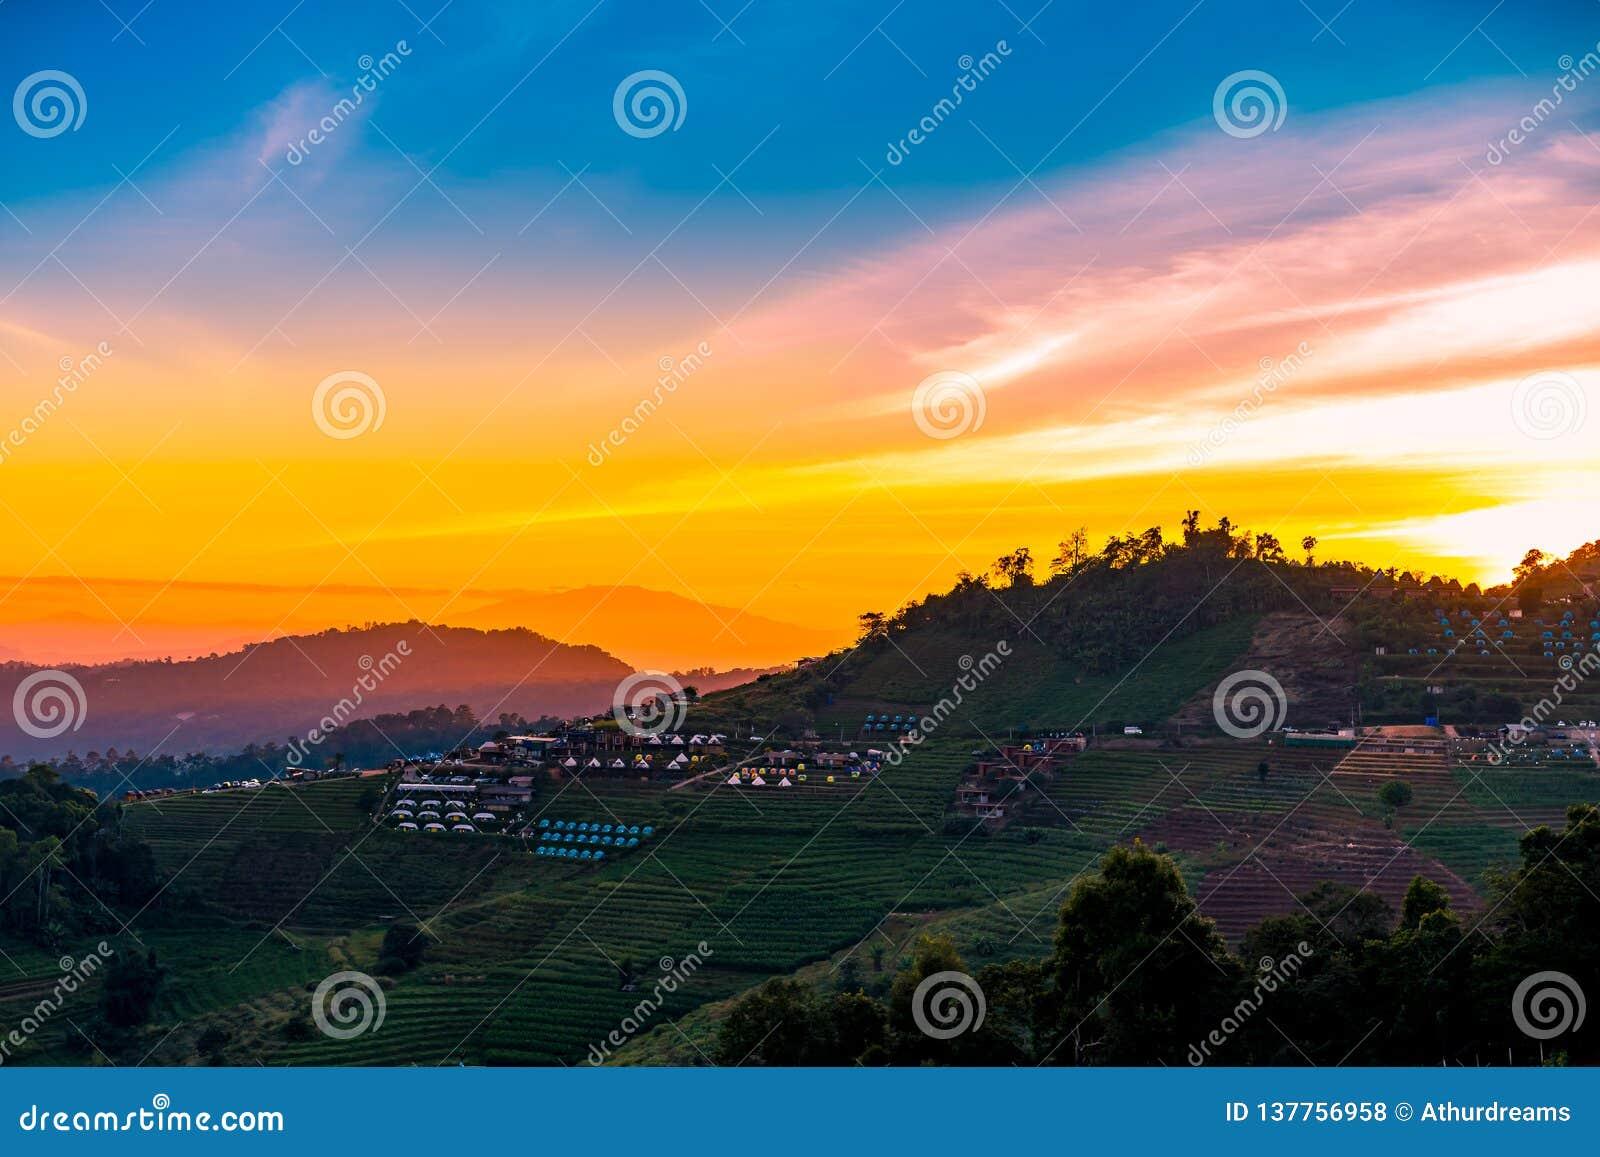 Eine ruhige szenische Landschaft des schönen Sonnenuntergangs mit dem Erholungsort, der an Montag-Stau, Chiang Mai, Thailand kamp